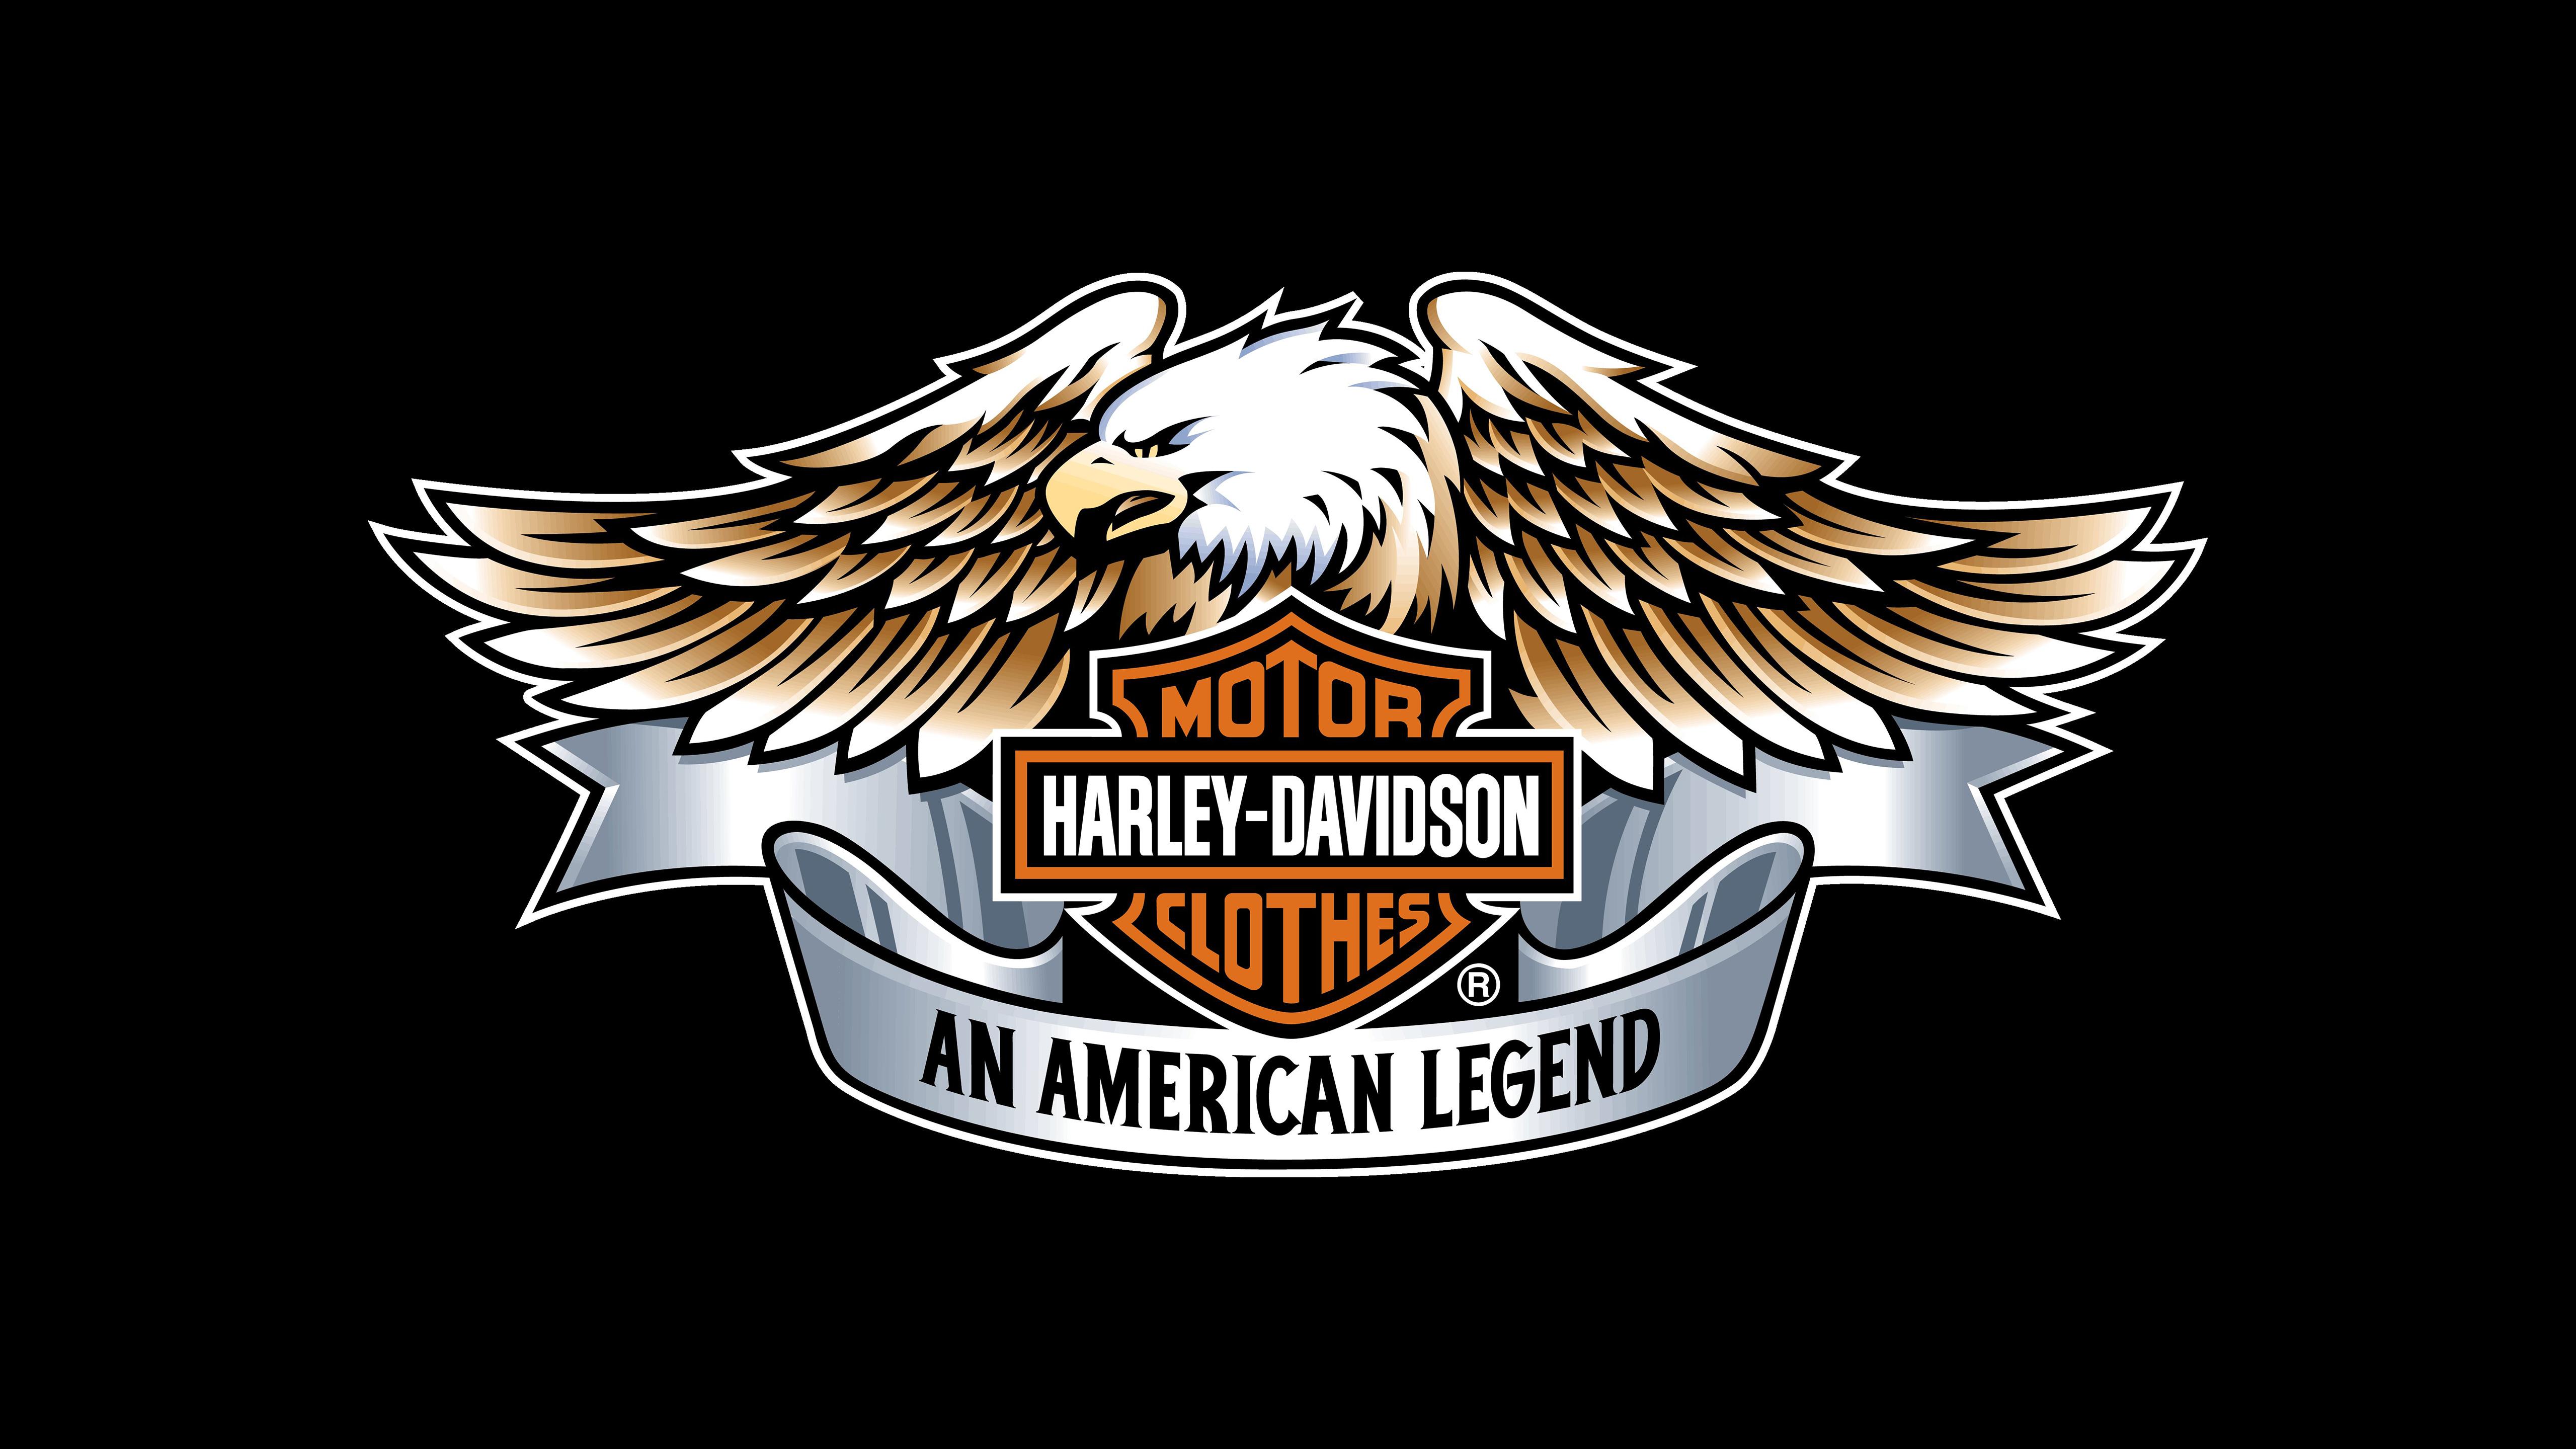 Harley Davidson Eagle Logo 4k Hd Bikes 4k Wallpapers Images